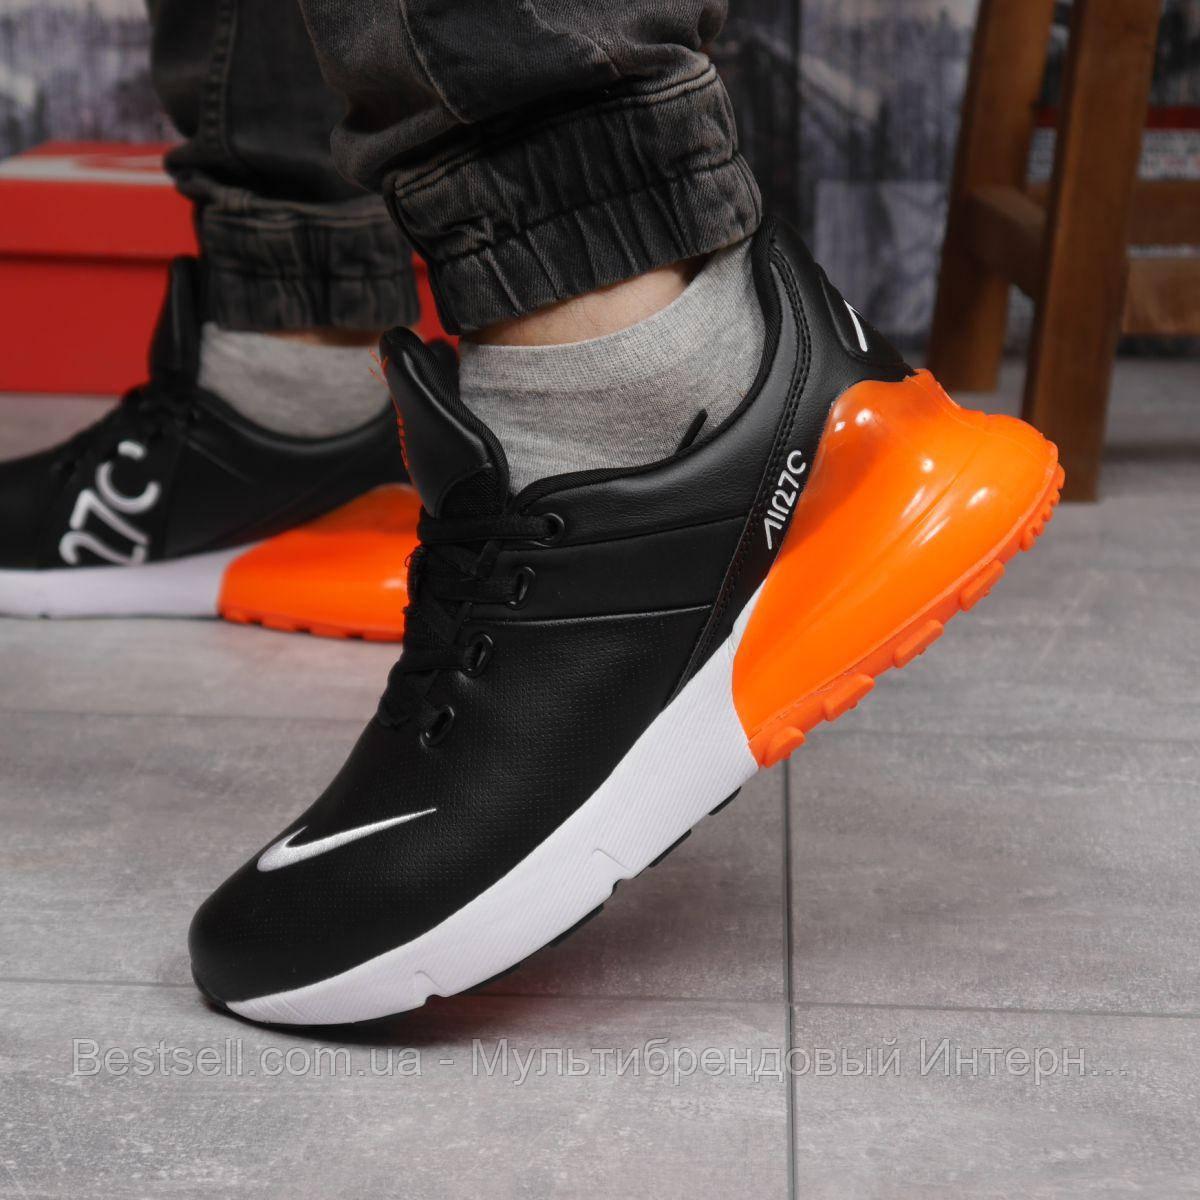 Кросівки чоловічі 15287, Nike Air 270, чорні, [ 42 46 ] р. 41-26,5 див.